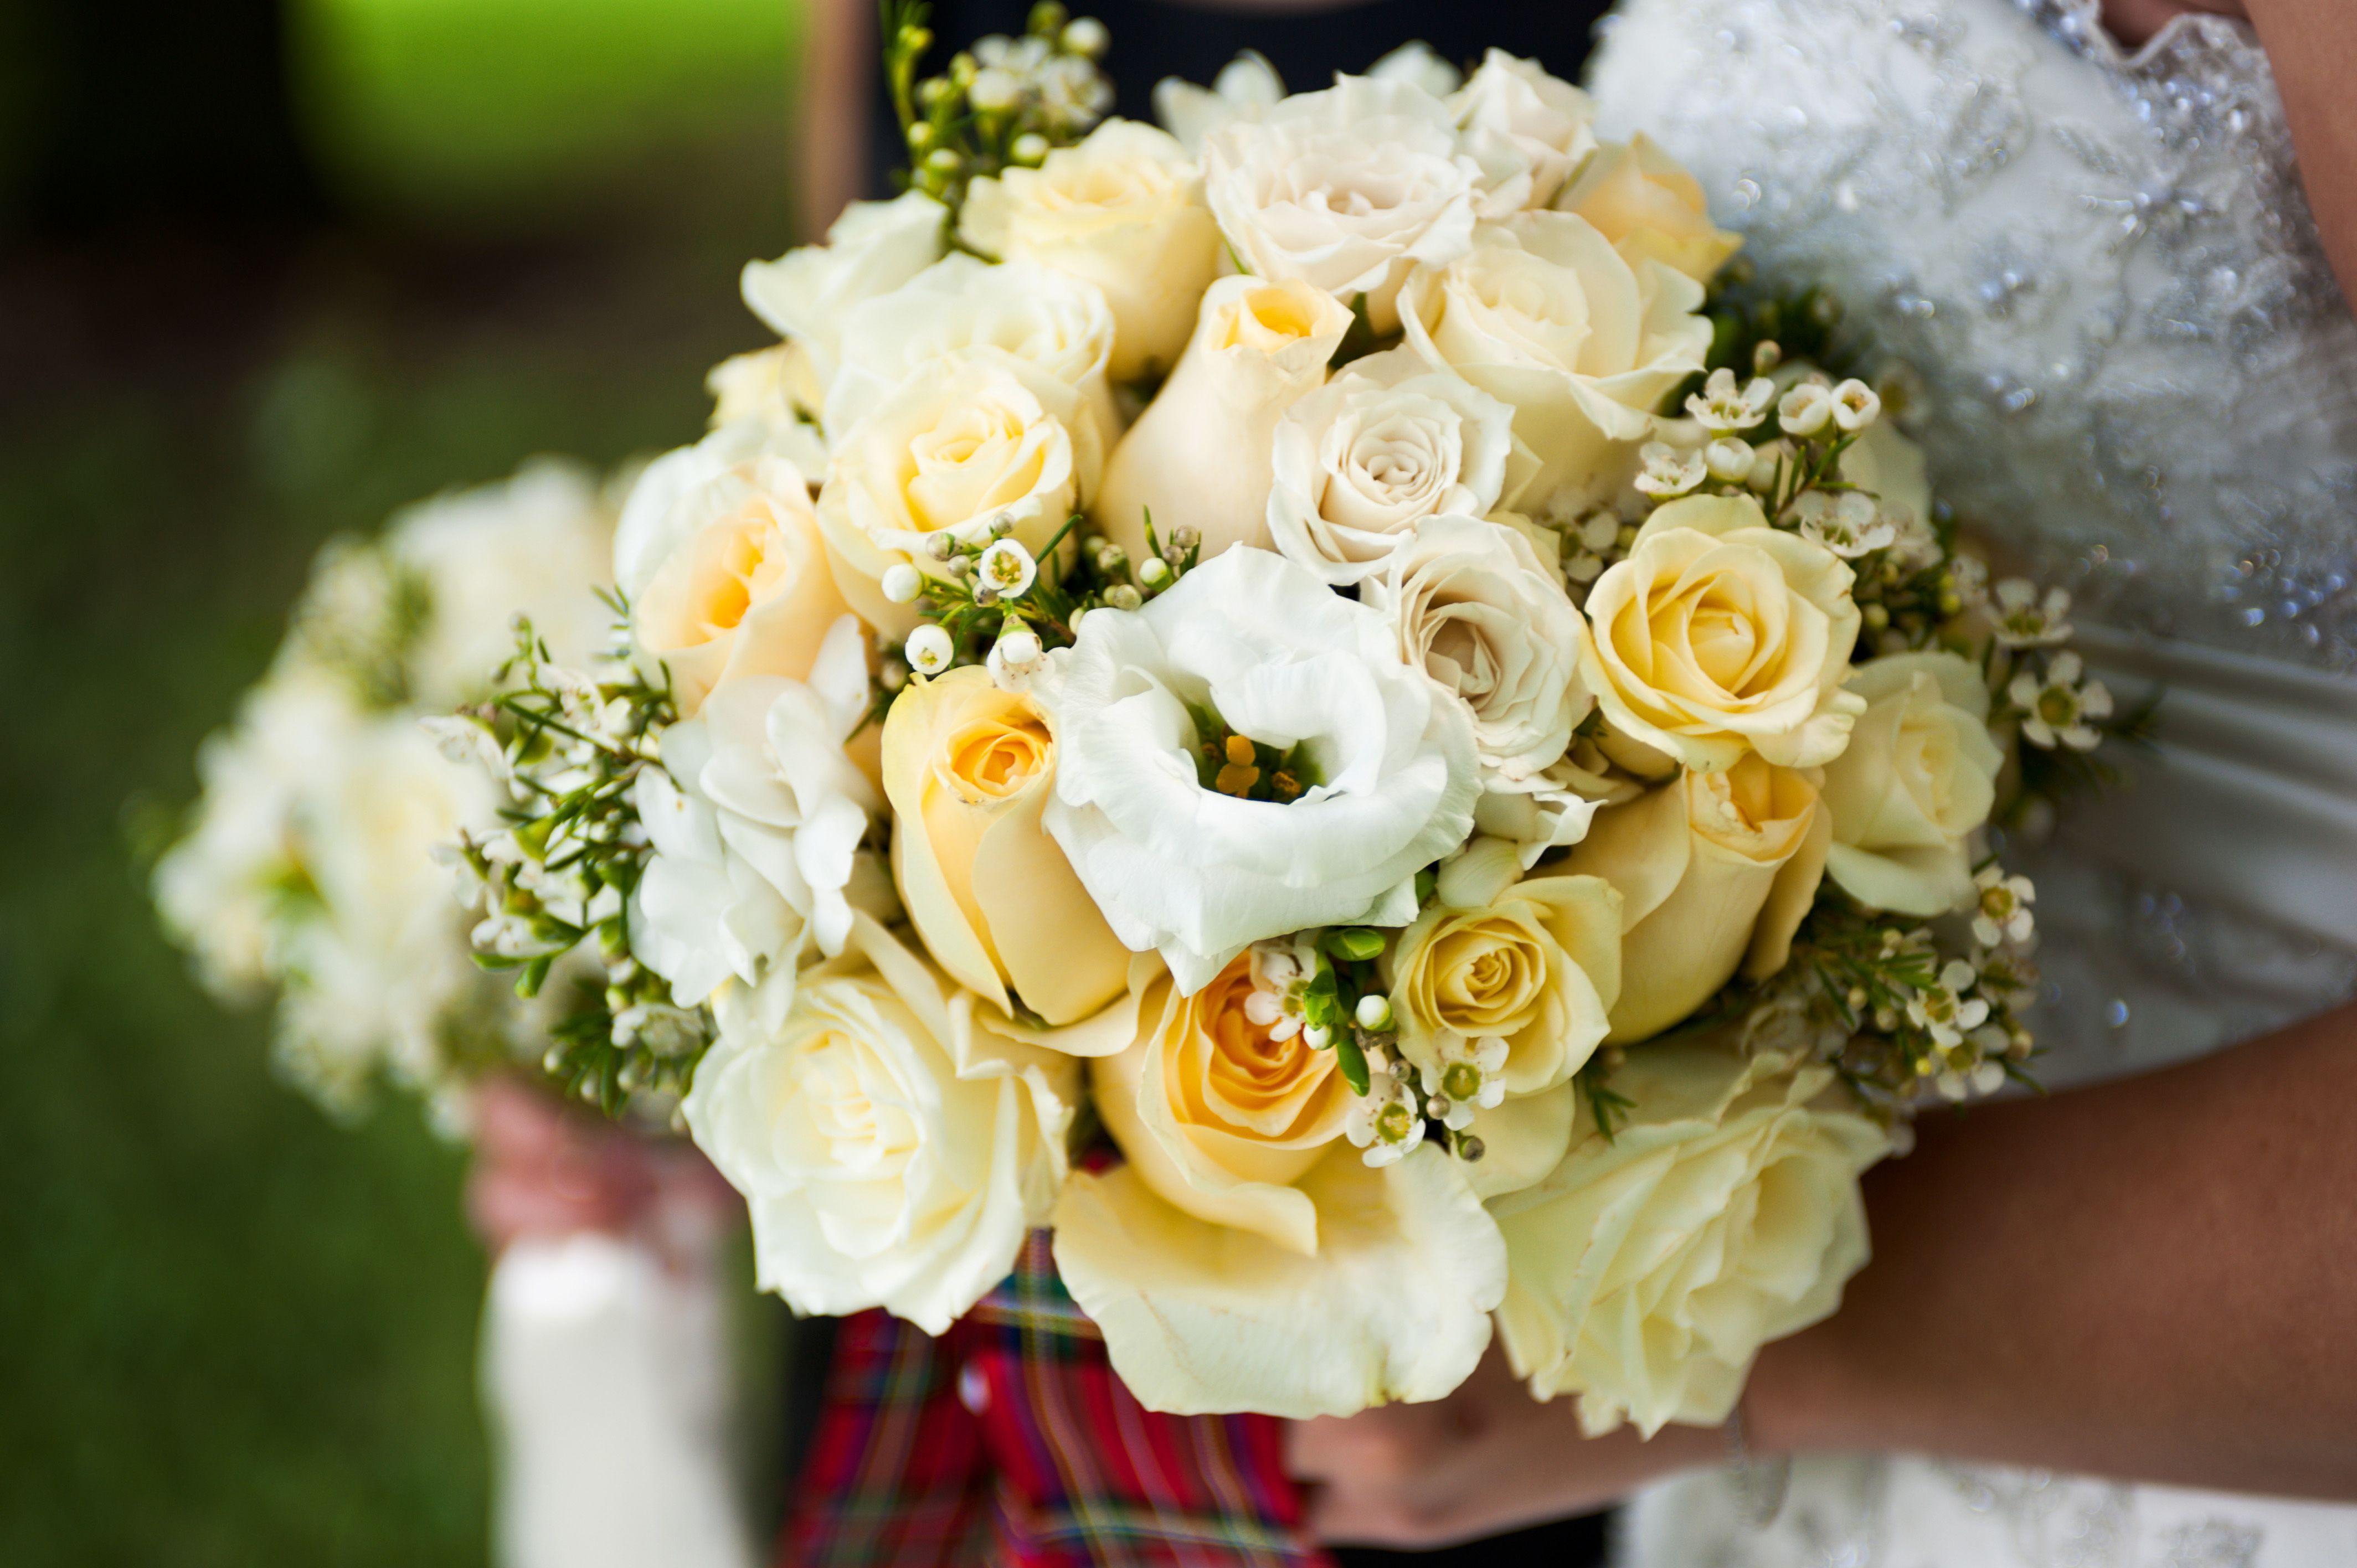 Gorgeous wedding bouquet showcasing white lisianthus ivory roses gorgeous wedding bouquet showcasing white lisianthus ivory roses cream roses pastel yellow izmirmasajfo Choice Image